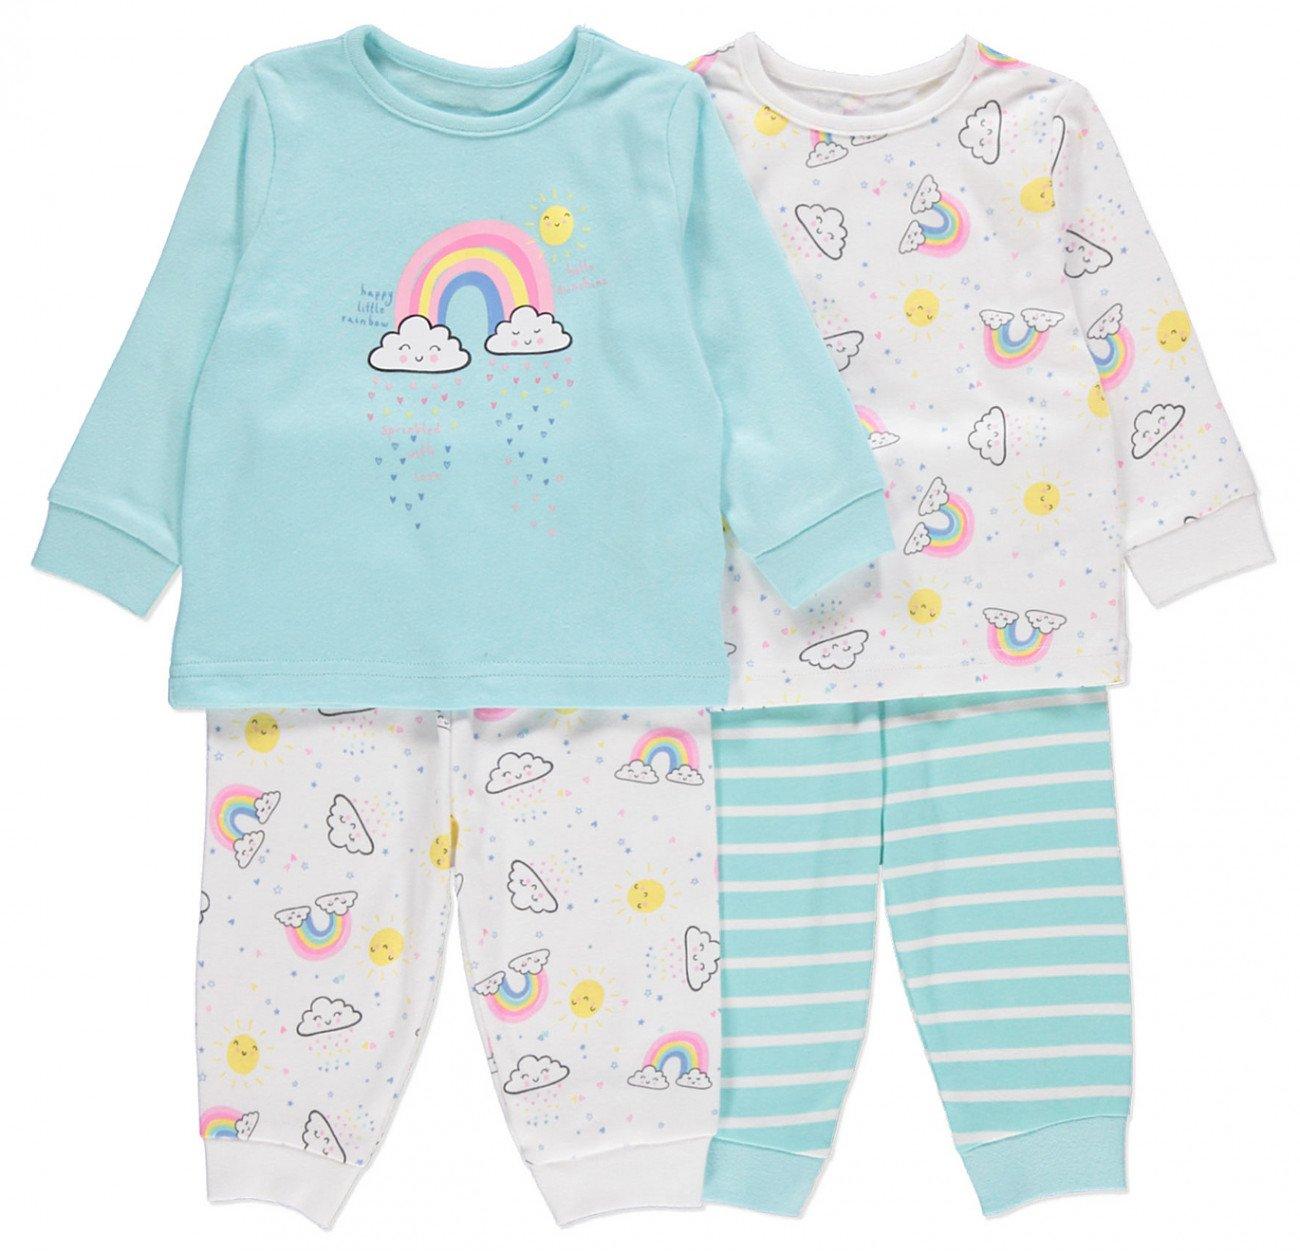 8a969f6e62eac Комплект из 2х пижам для девочки купить в интернет магазине Леопольд